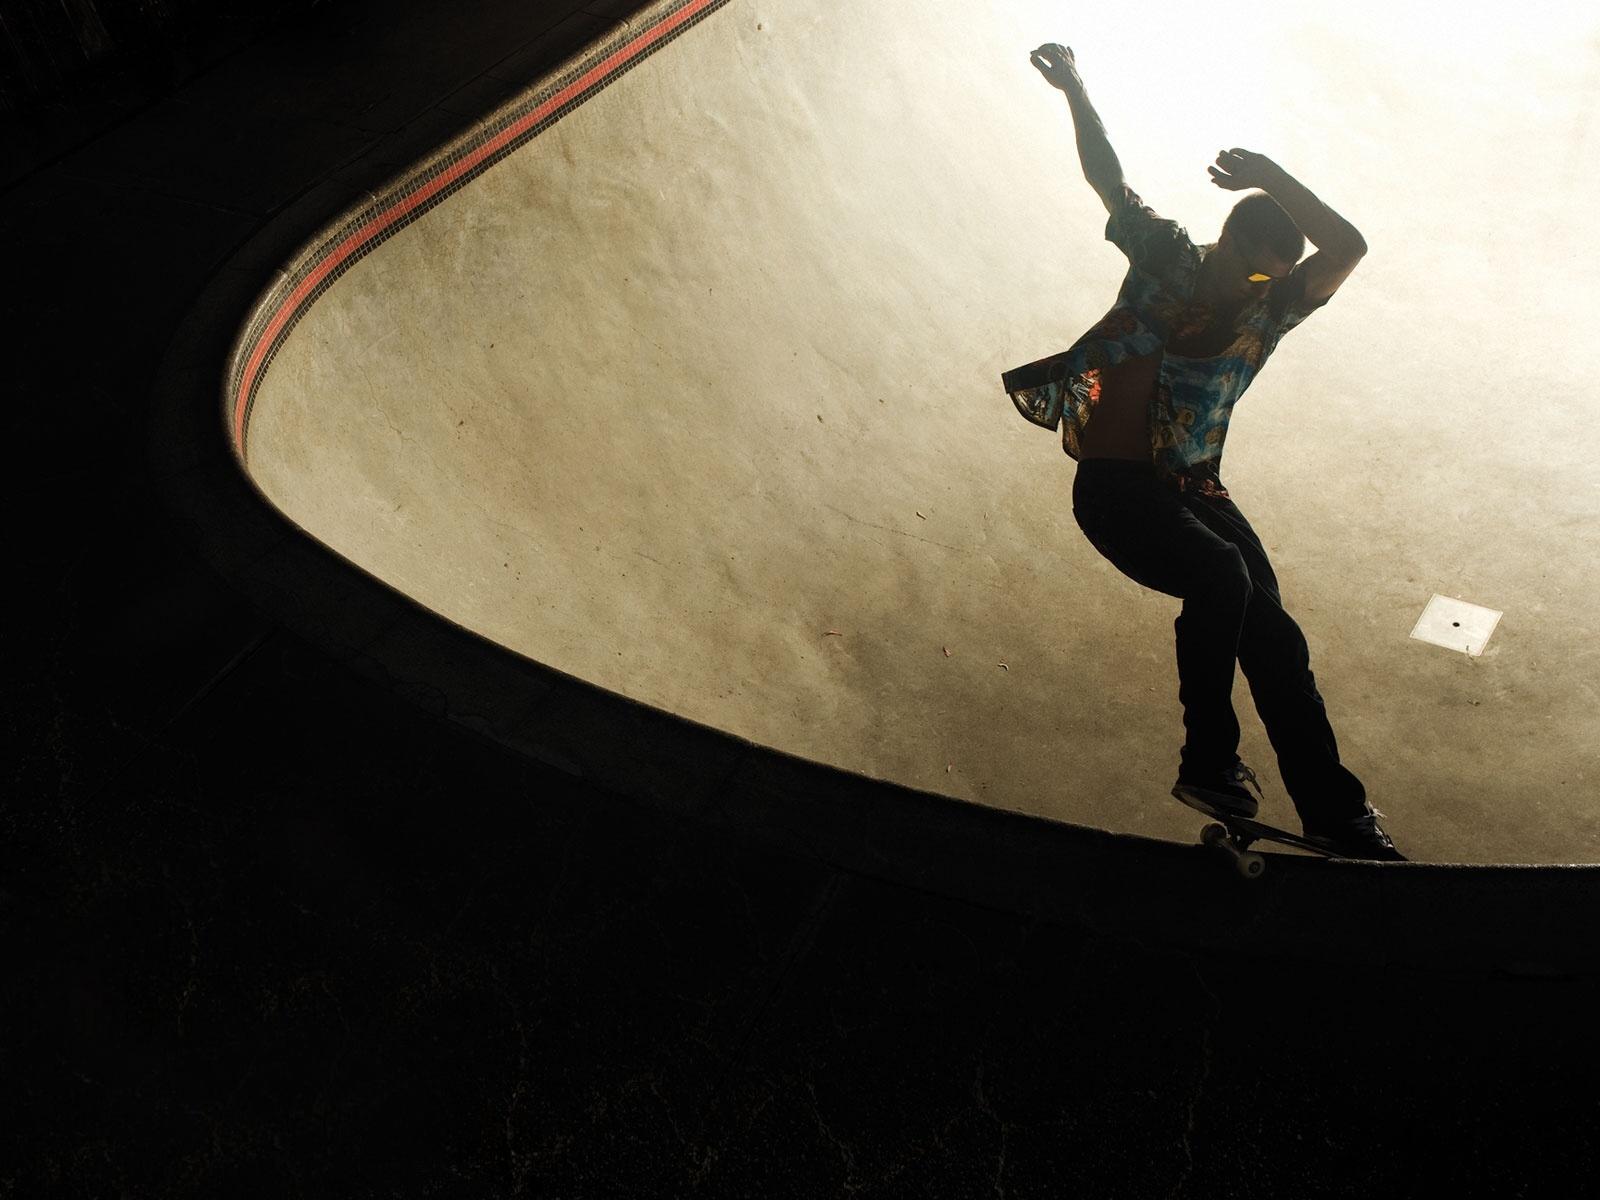 http://1.bp.blogspot.com/-N5Ov4WQlSYc/TkUbKhvv7XI/AAAAAAAAB2A/kDqySOsM0fk/s1600/wallpaper+skate.jpg